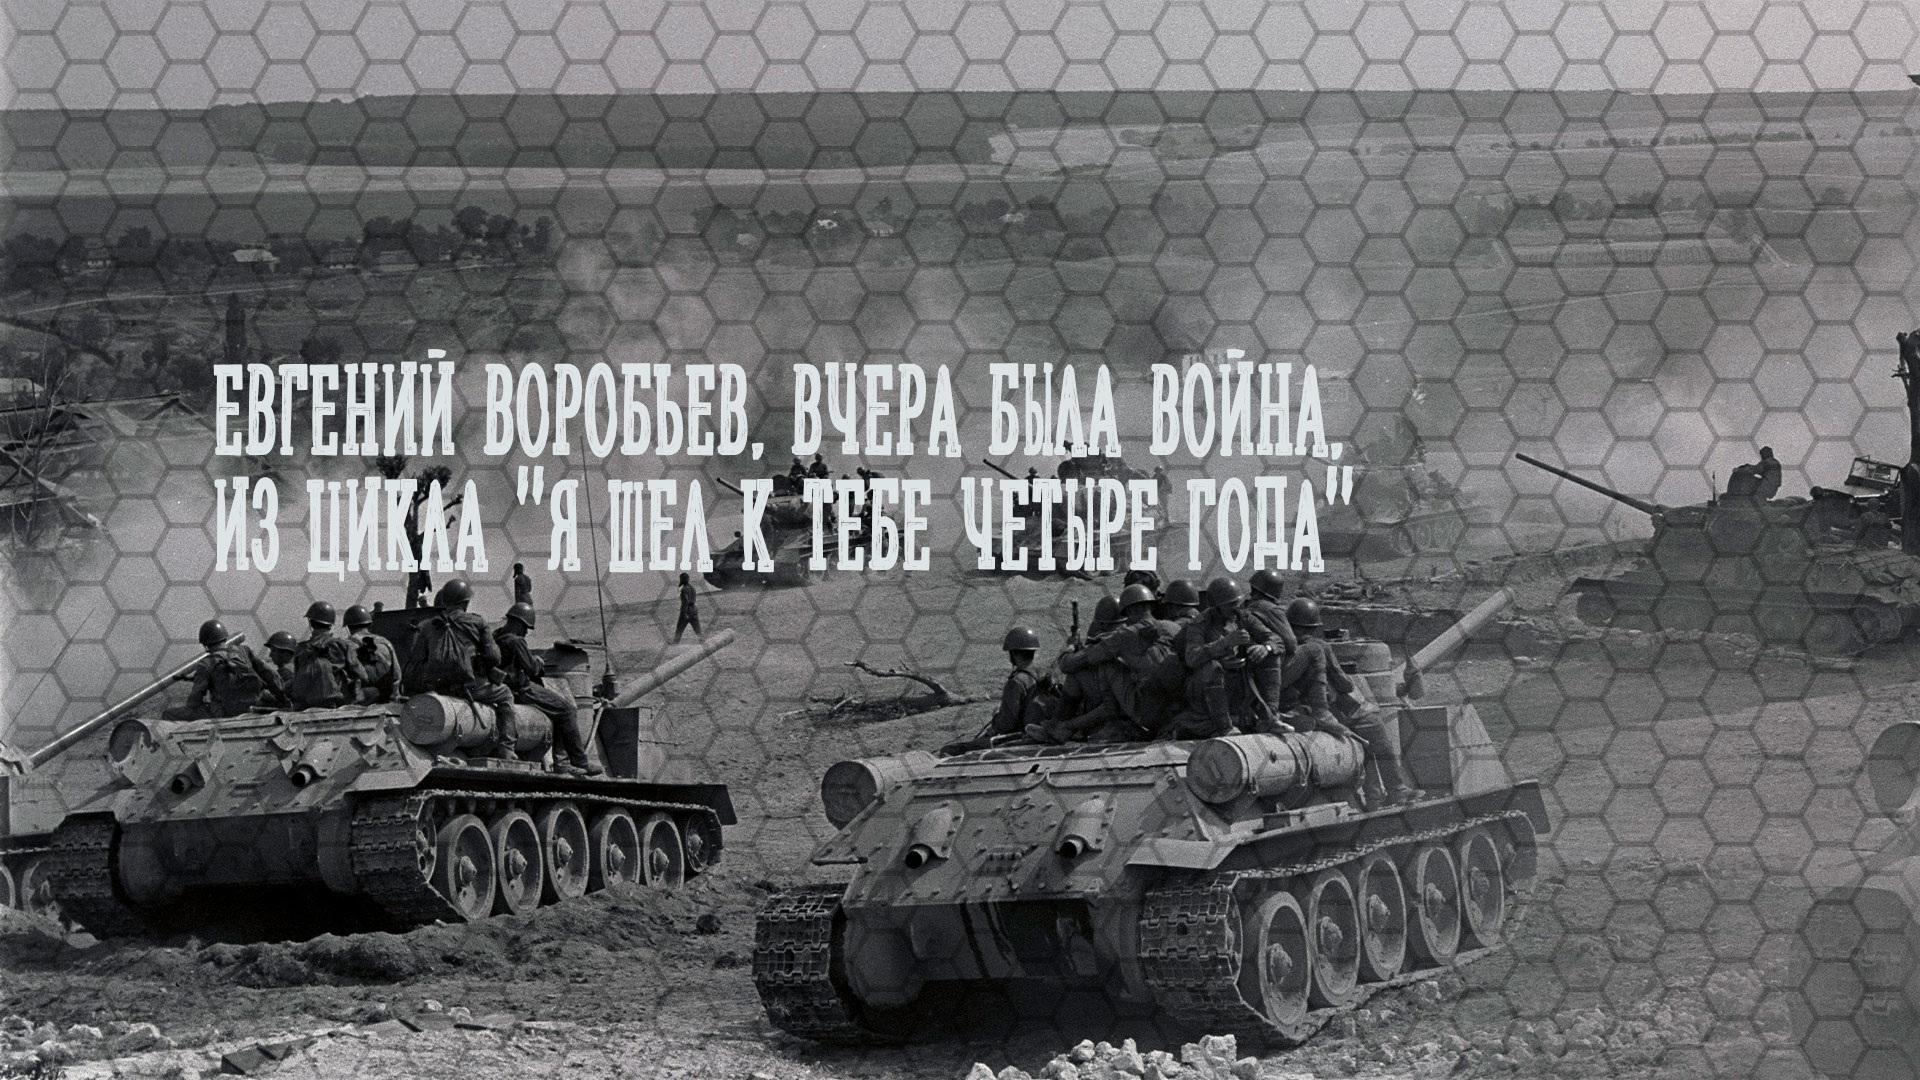 """Евгений Воробьев. Вчера была война. Из цикла """"Я шел к тебе четыре года"""""""